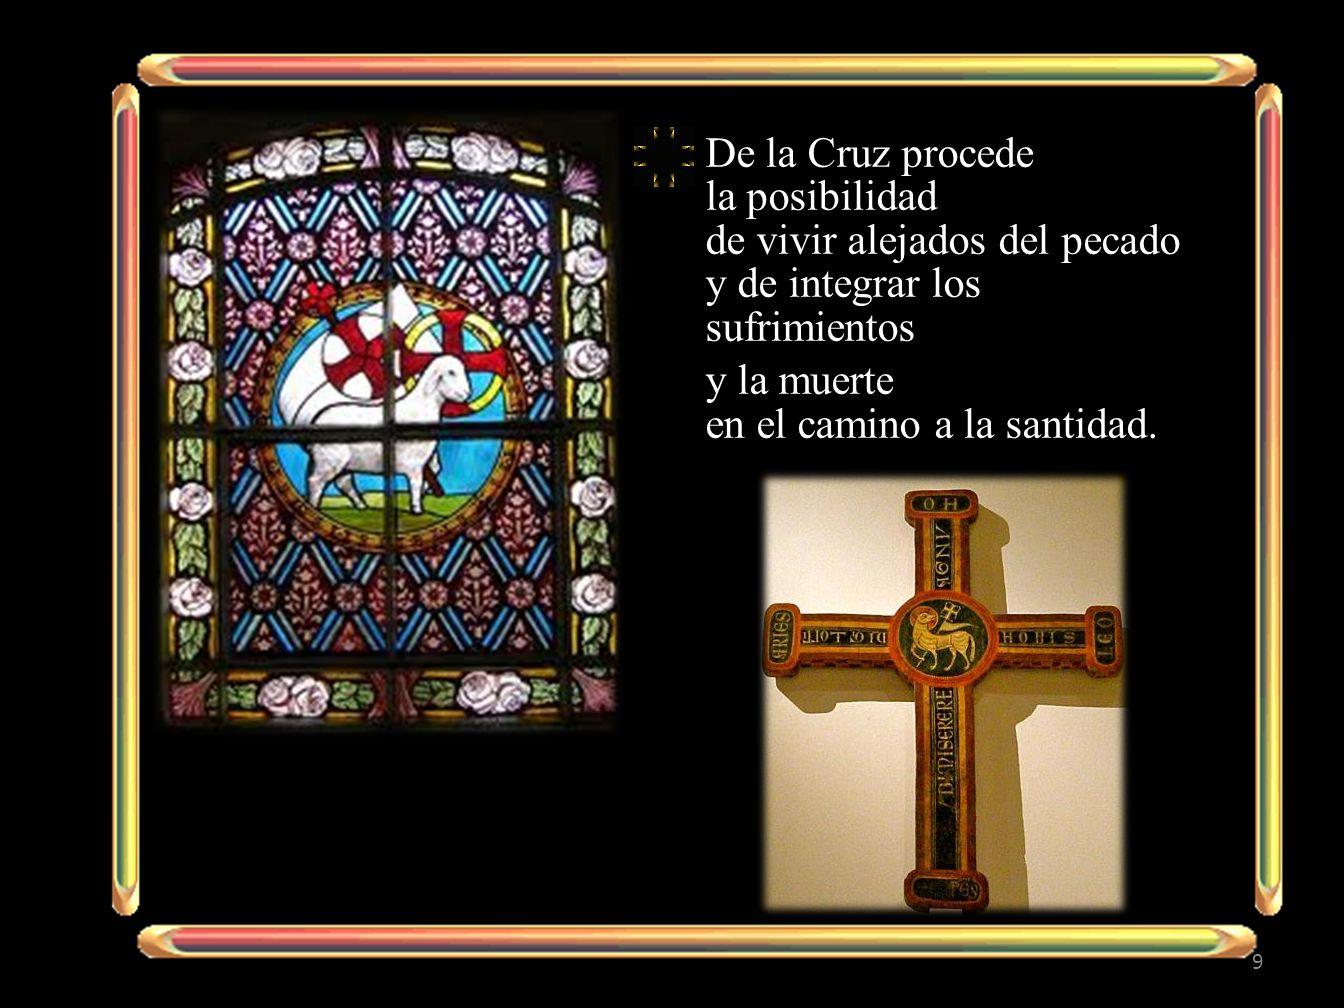 De la Cruz procede la posibilidad de vivir alejados del pecado y de integrar los sufrimientos